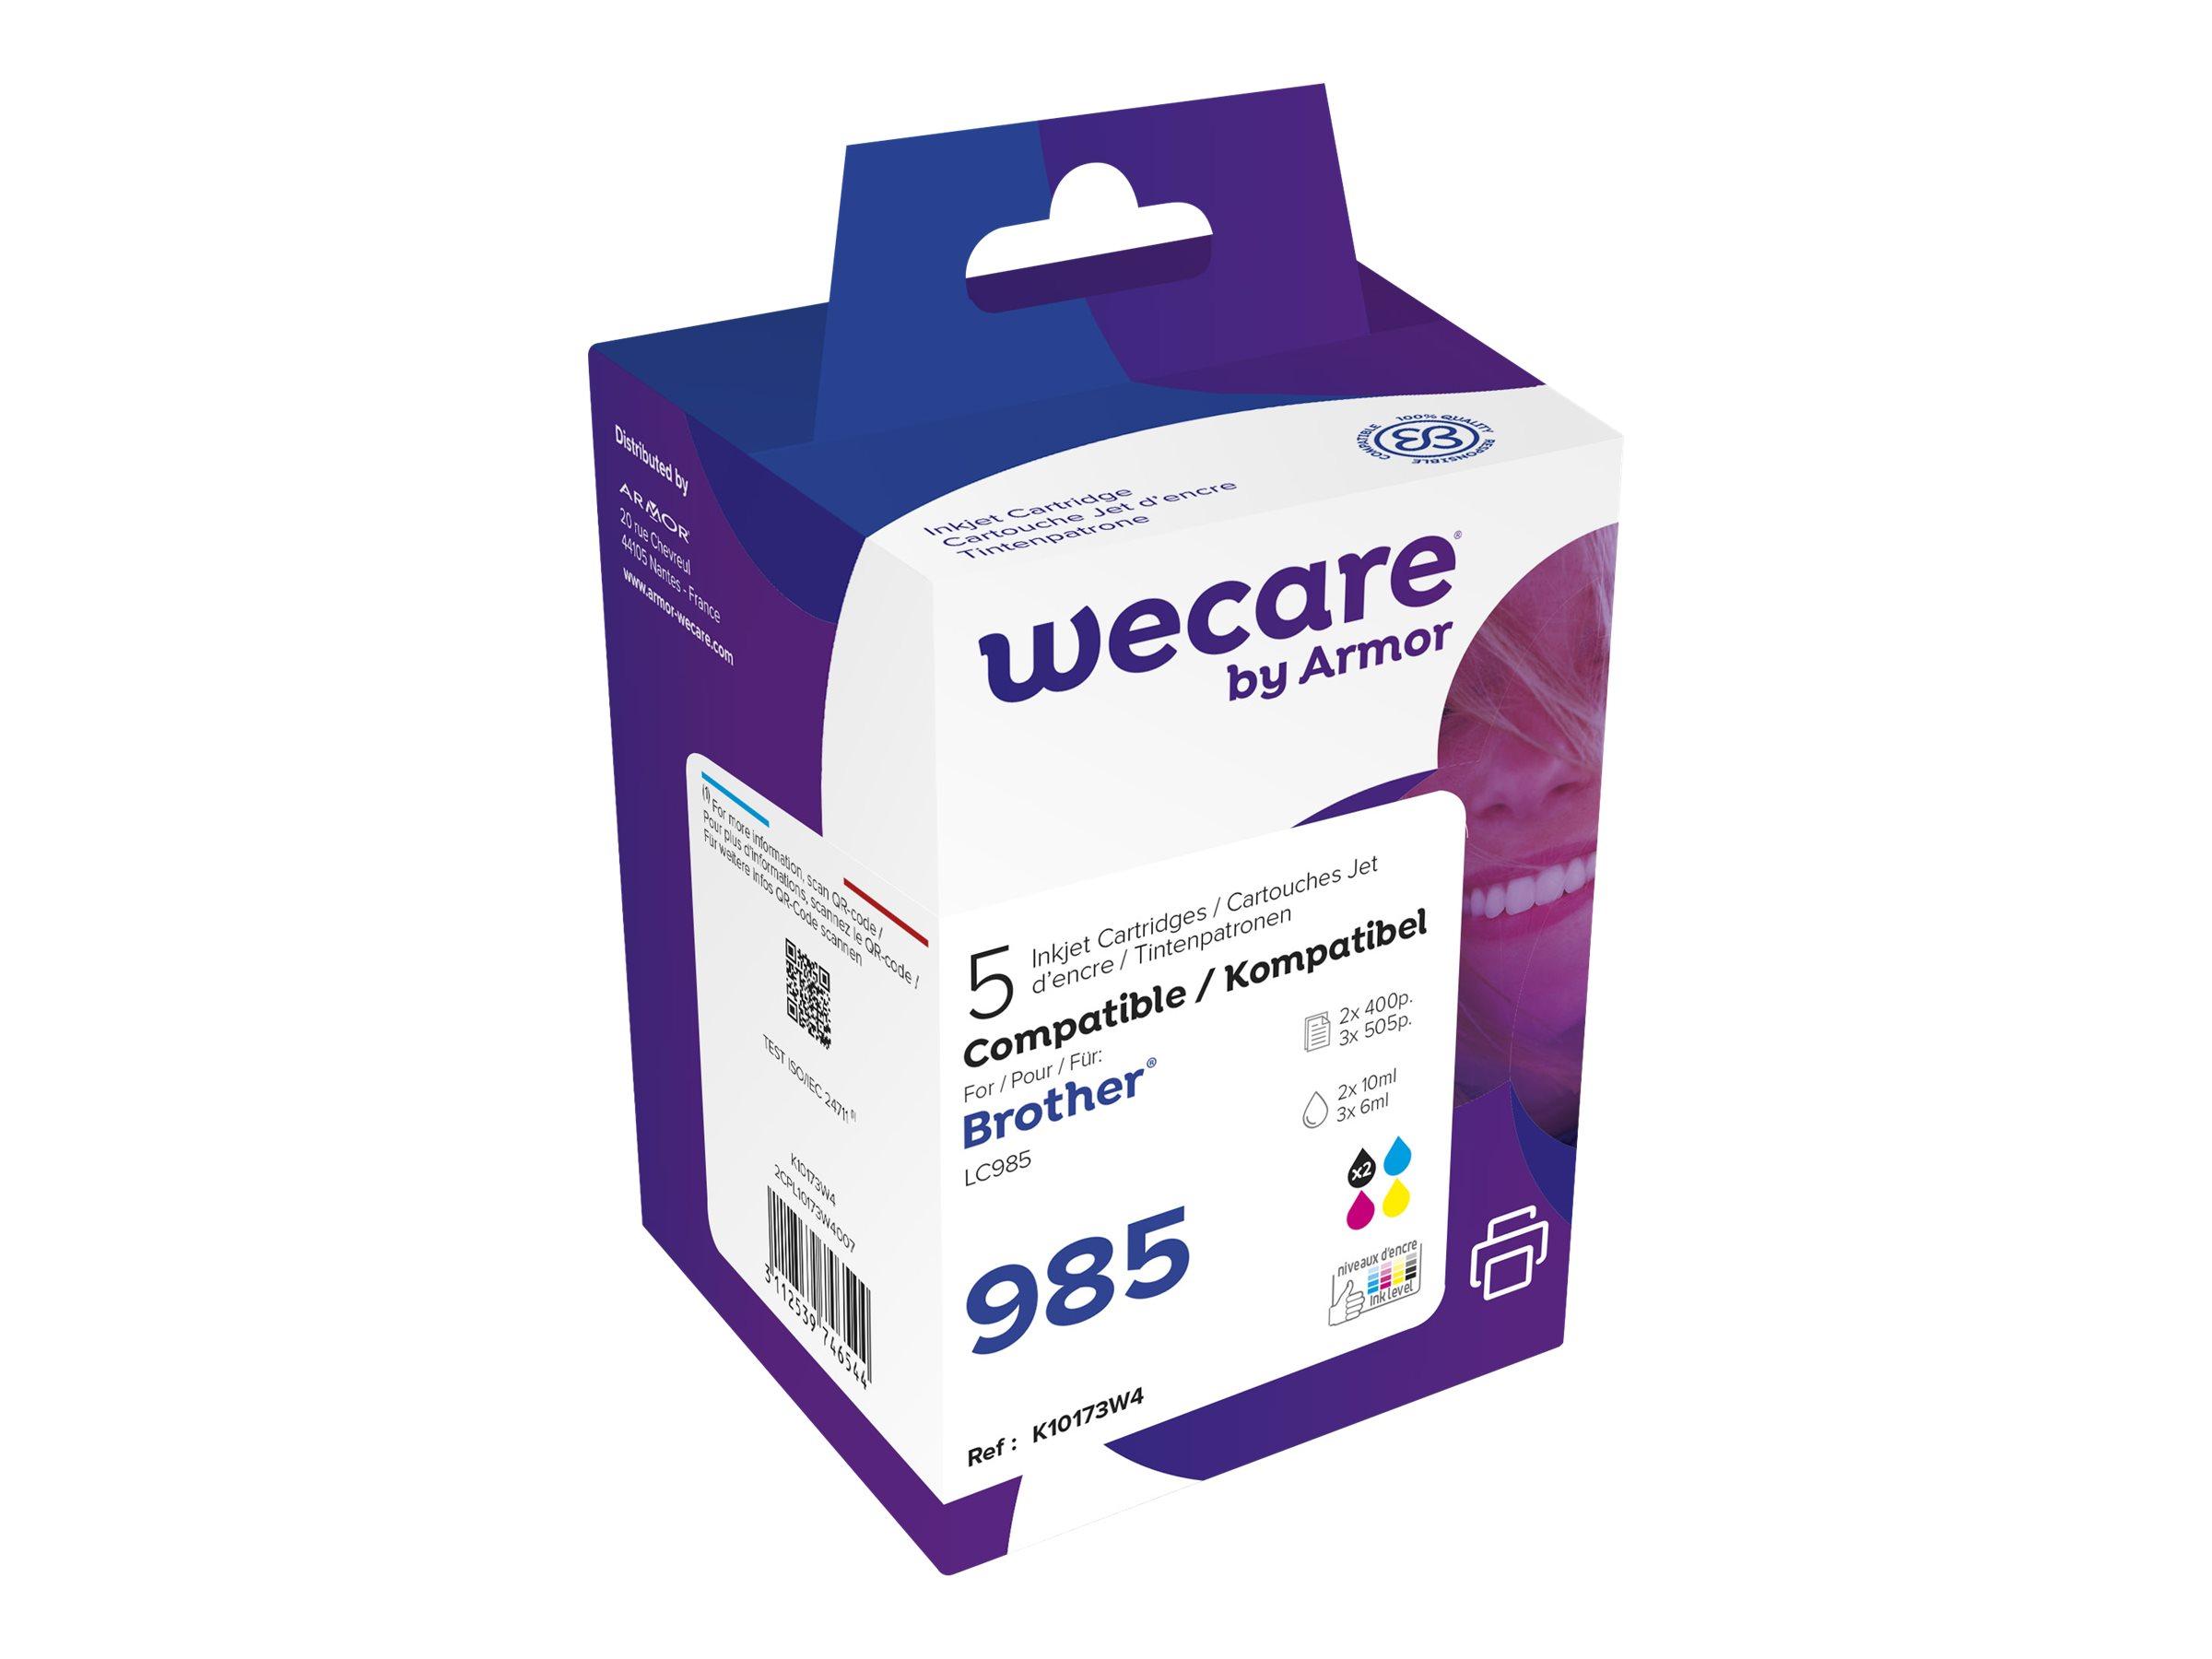 Brother LC985 - compatible Wecare K10173W4 - pack de 5 - noir x2, cyan, magenta, jaune - cartouche d'encre